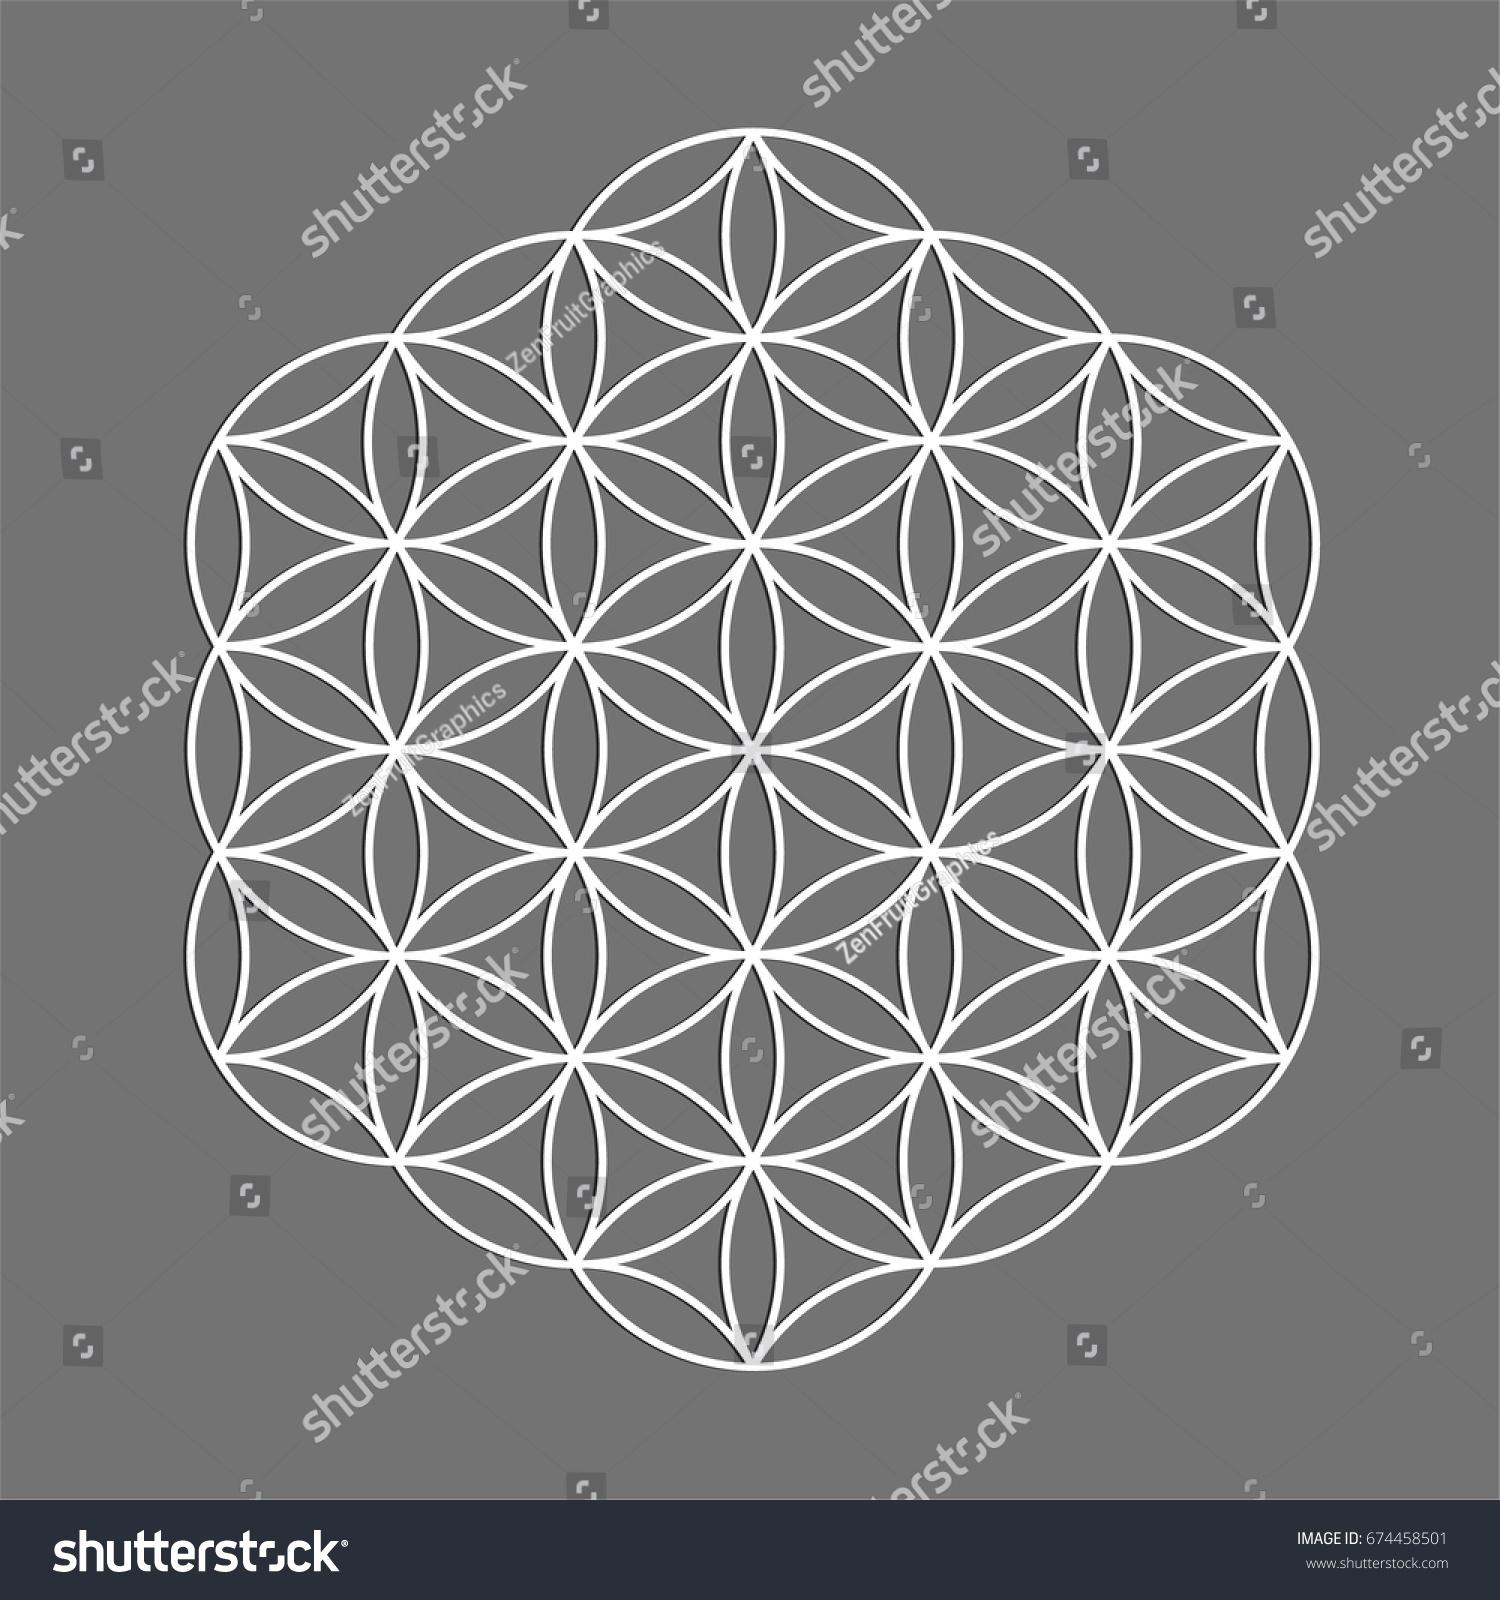 Sacred geometry symbol flower life alchemy stock vector 674458501 sacred geometry symbol flower of life for alchemy spirituality religion philosophy biocorpaavc